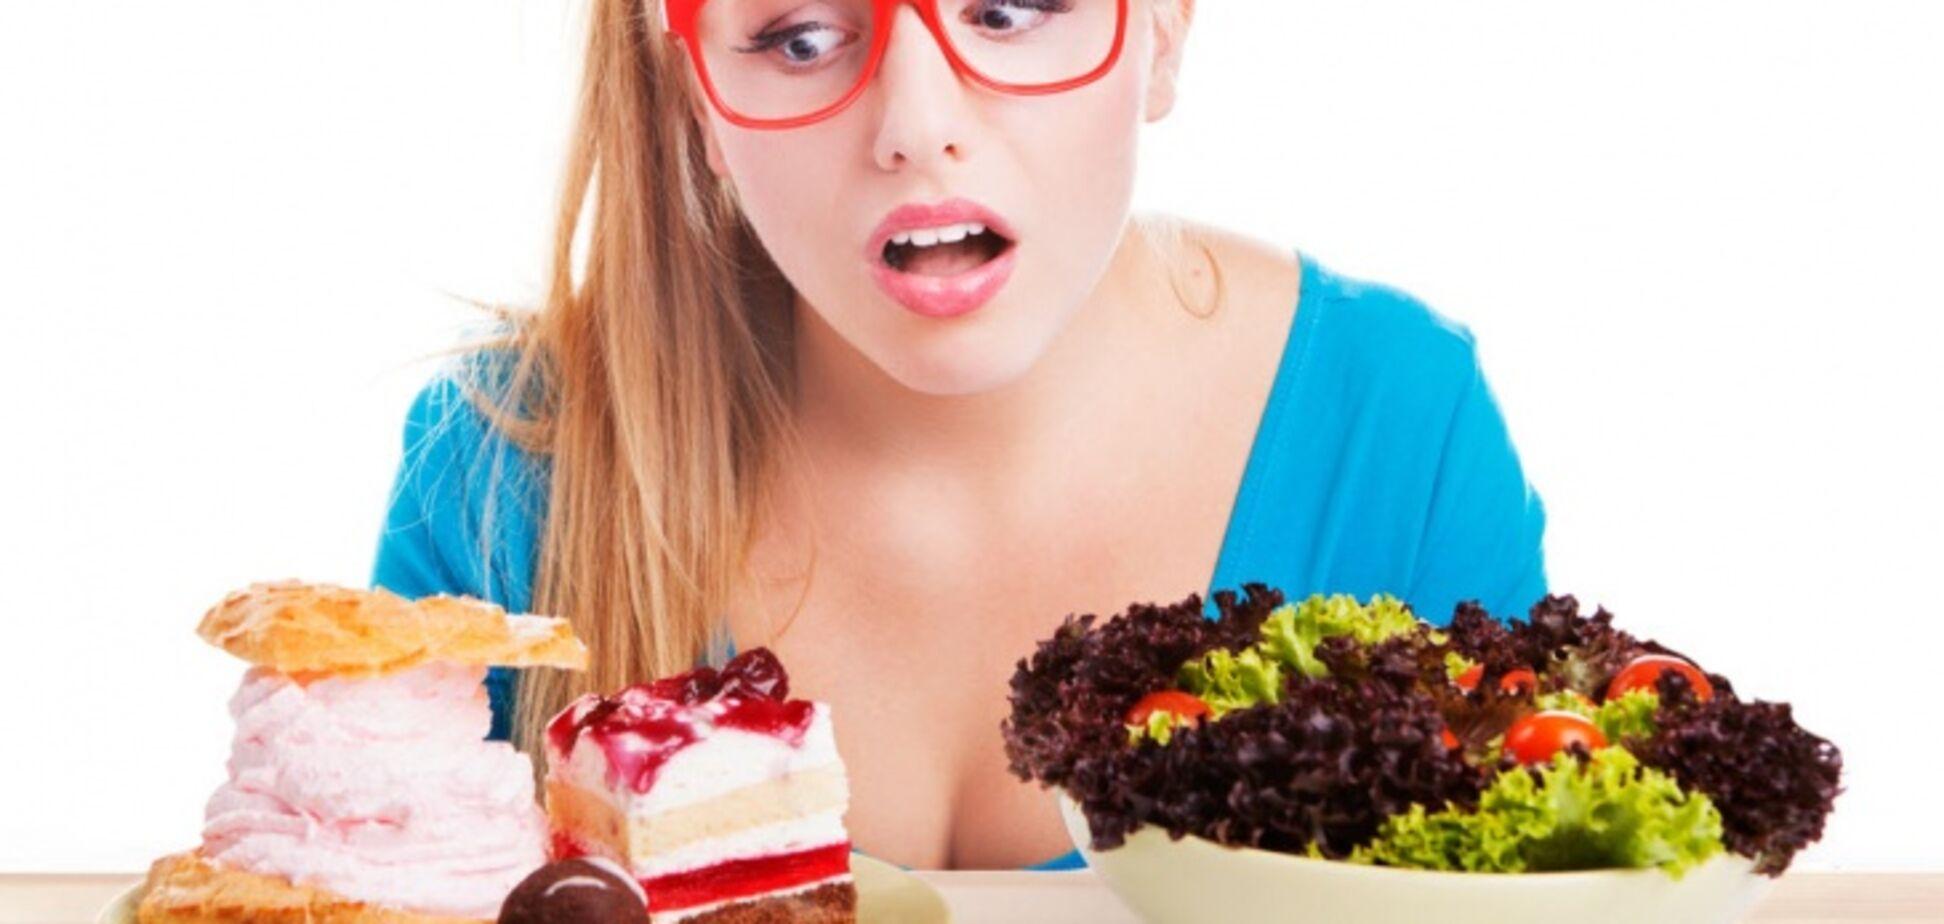 Експерти пояснили, чому ми їмо, навіть коли відчуваємо ситість